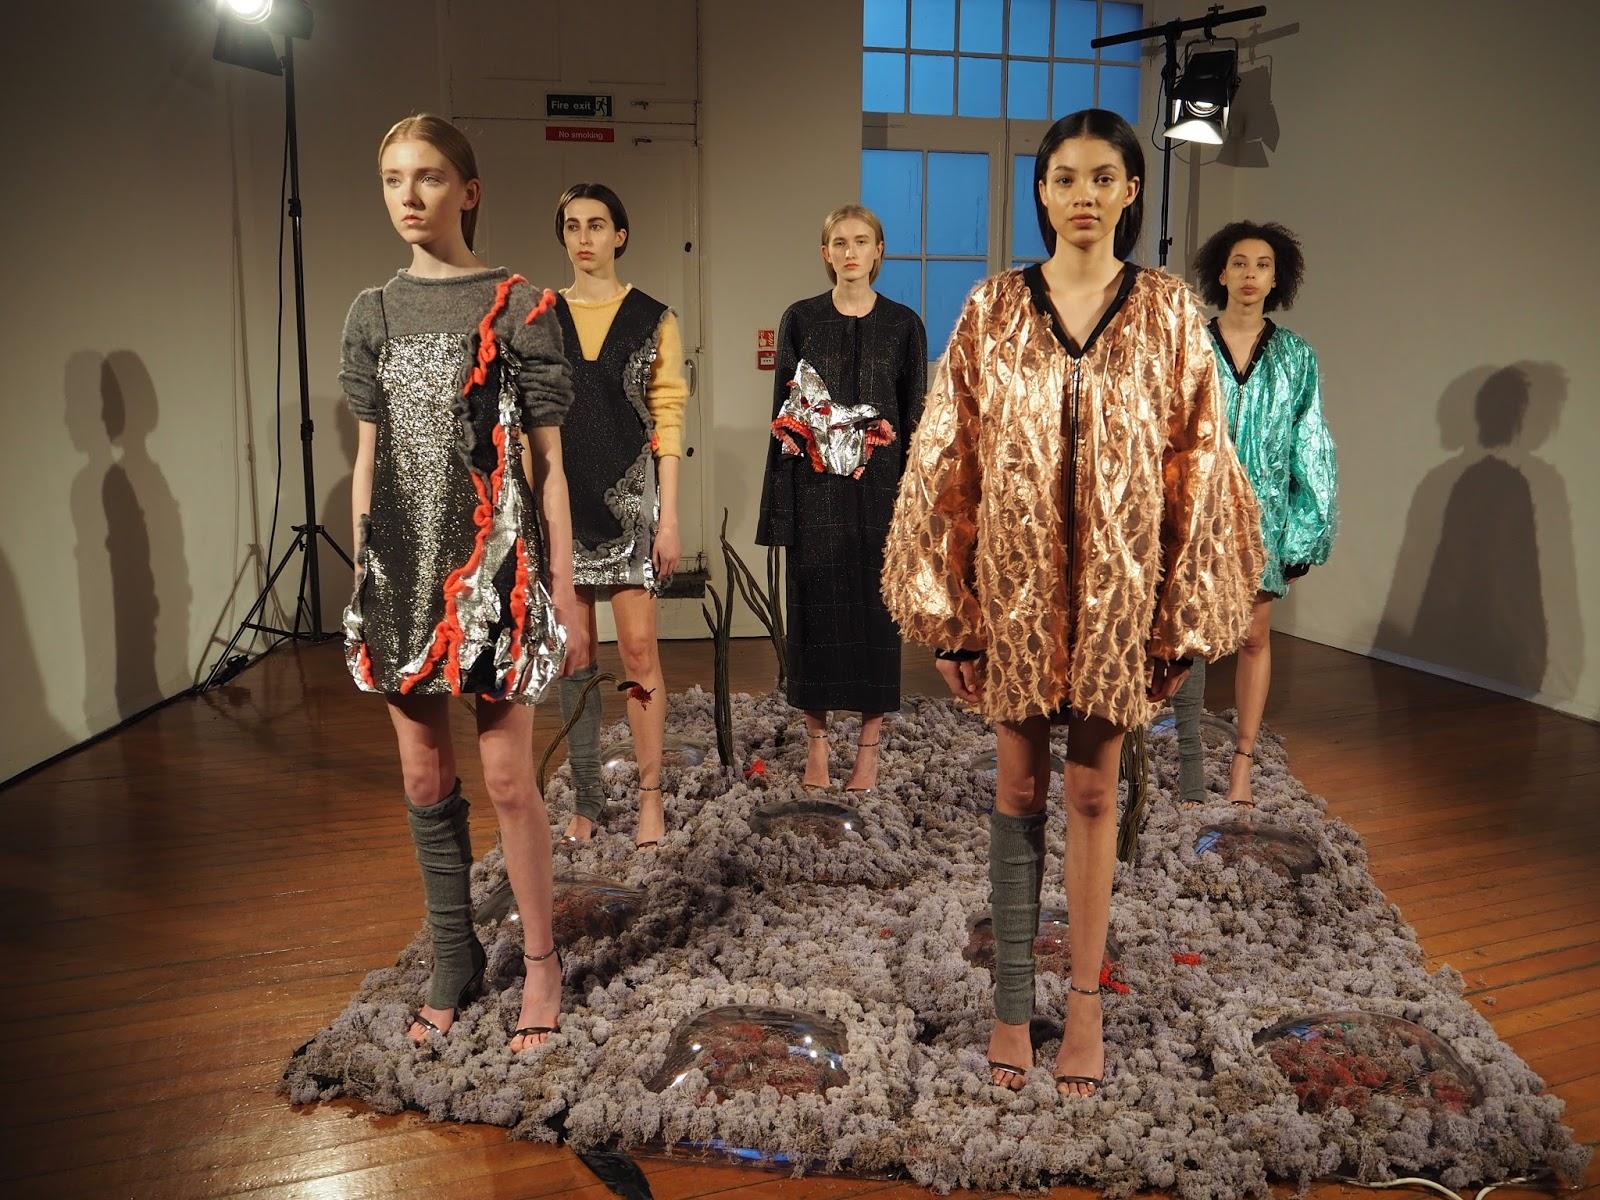 Chengdu fashion week London Fashion Week - Molly Goddard